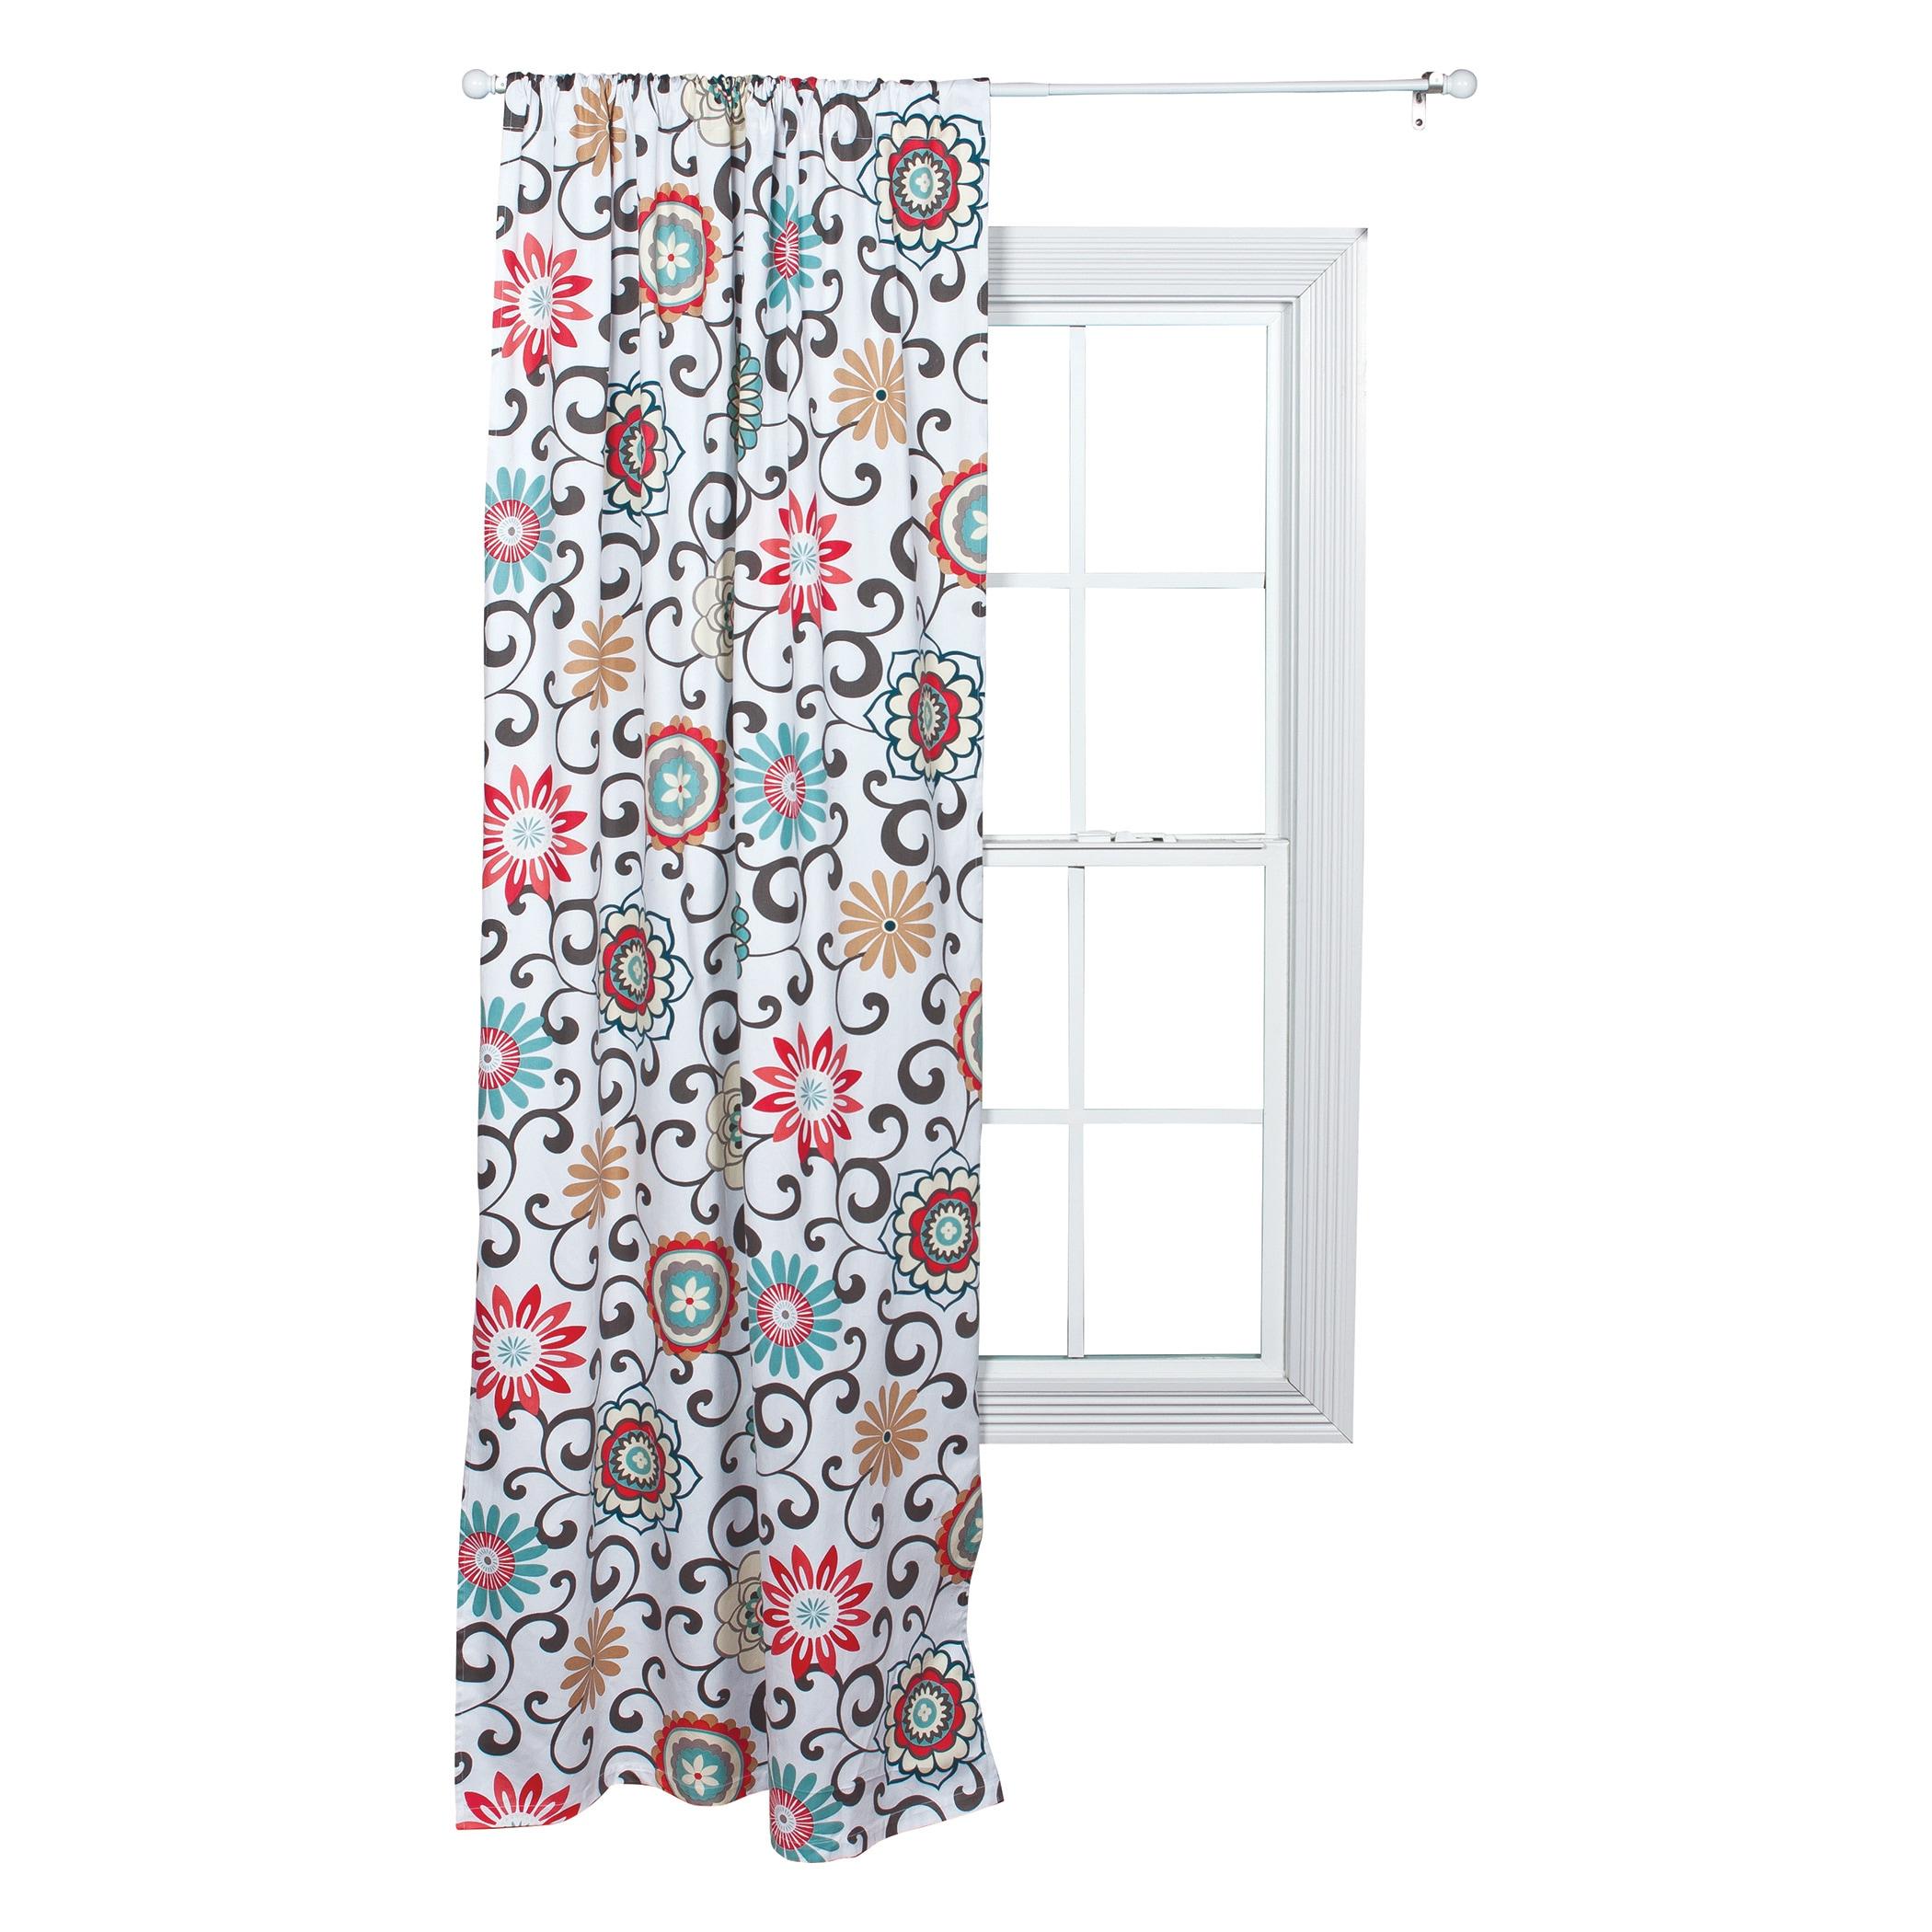 Trend Lab Waverly Pom Pom Play Floral Window Drape (Windo...